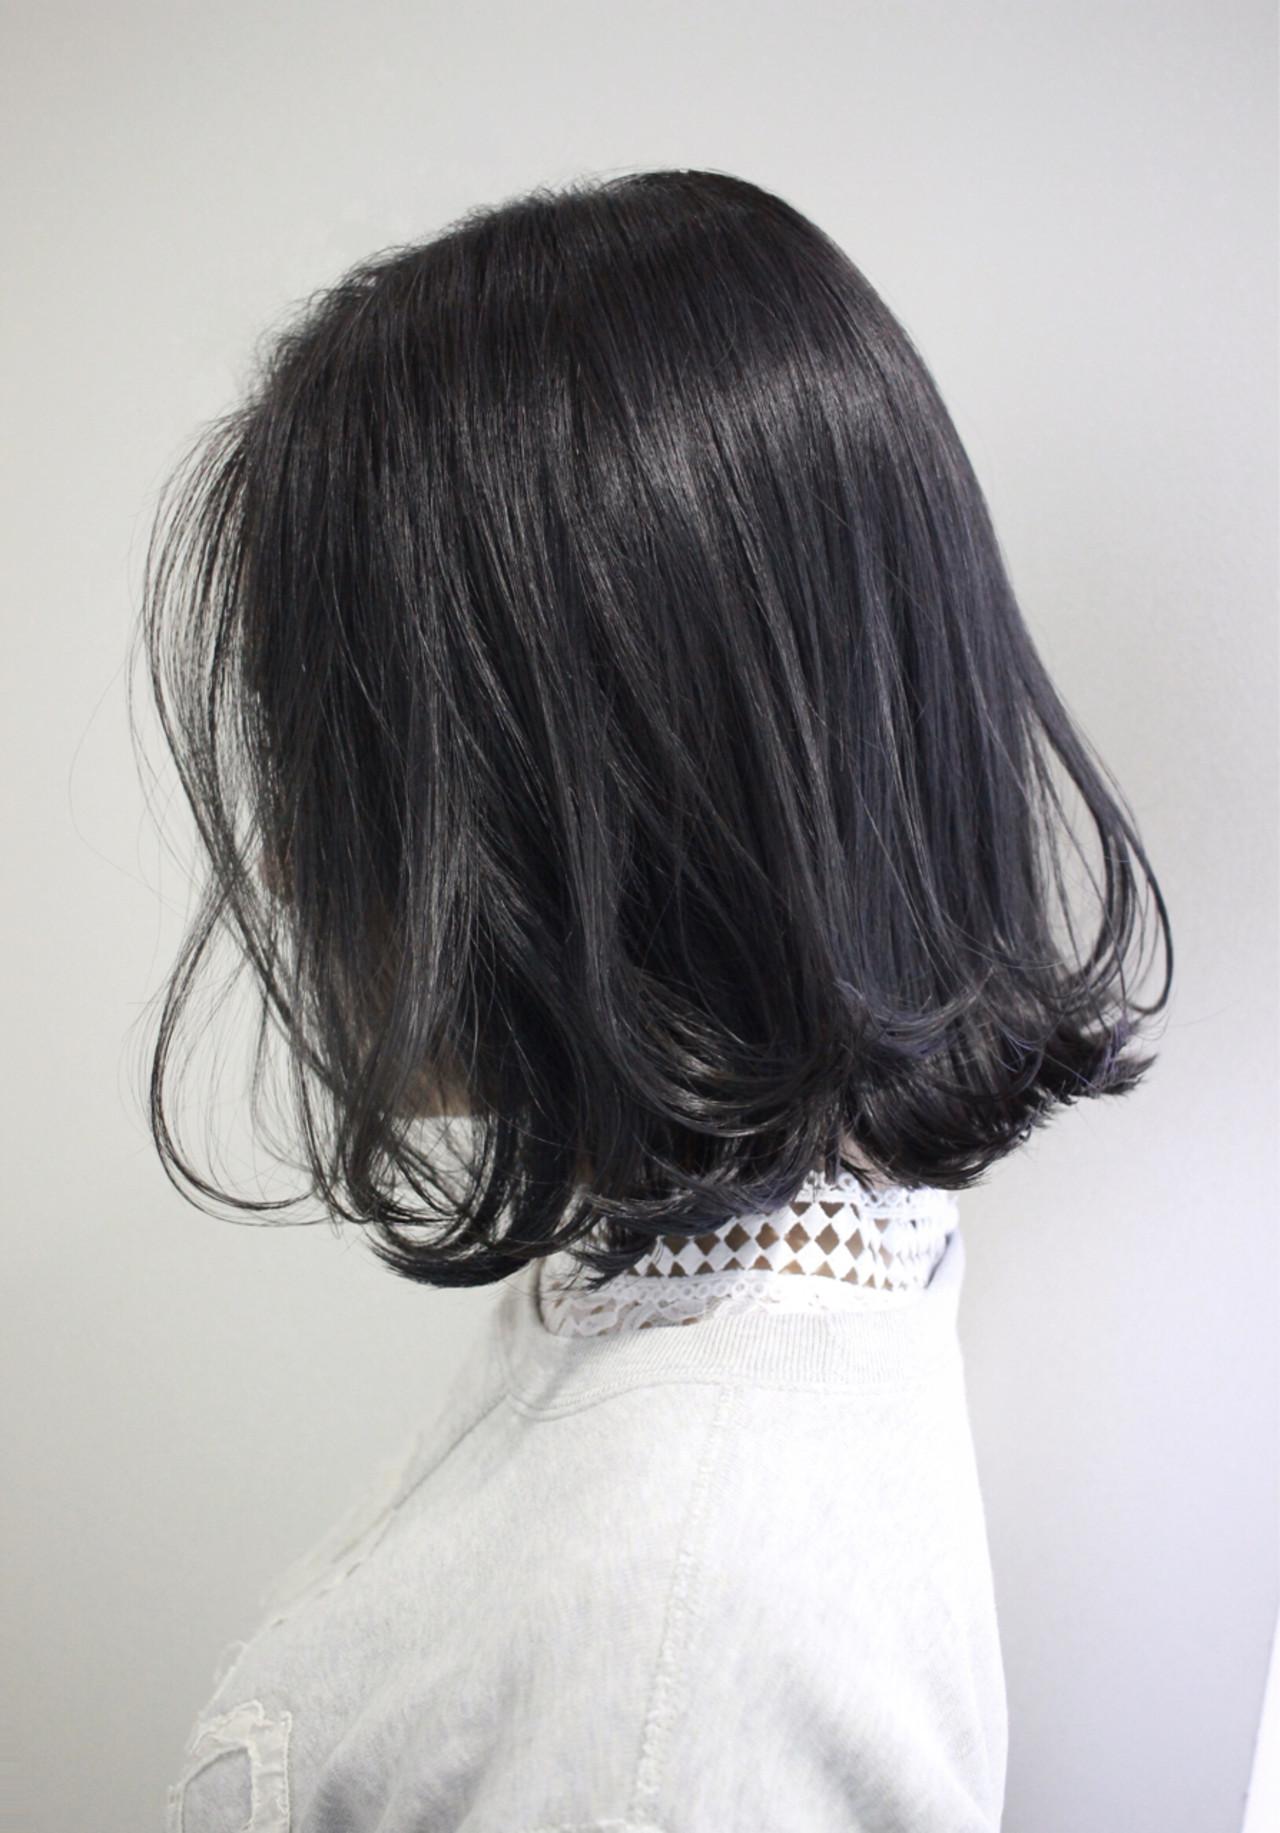 外国人風カラー ボブ イルミナカラー グレージュヘアスタイルや髪型の写真・画像